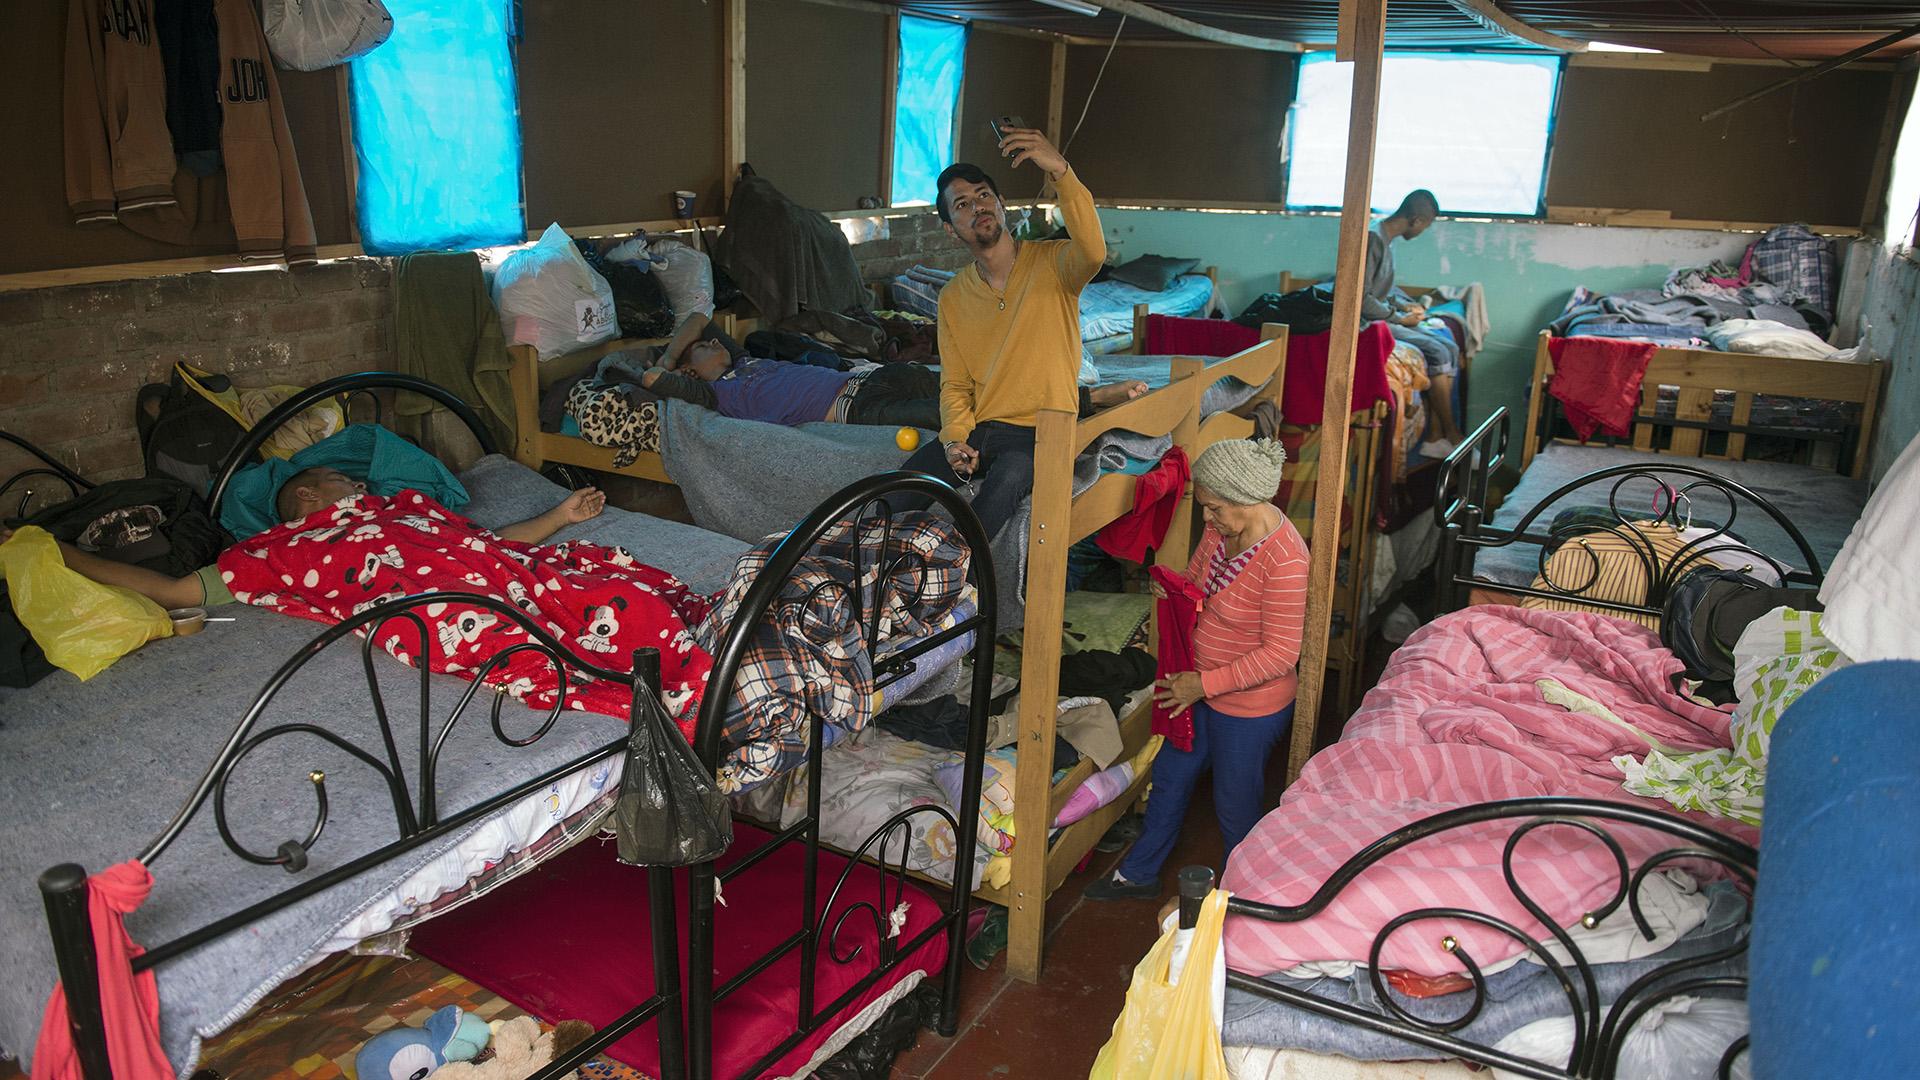 Hace un año, René Cobeña empezó a ayudar ocho migrantes venezolanos en una casa alquilada, que ahora, convertida en albergue, ocupan 200 personas, incluidos 30 niños. Por ella han pasado 1.700 personas que huyeron de la crisis en Venezuela